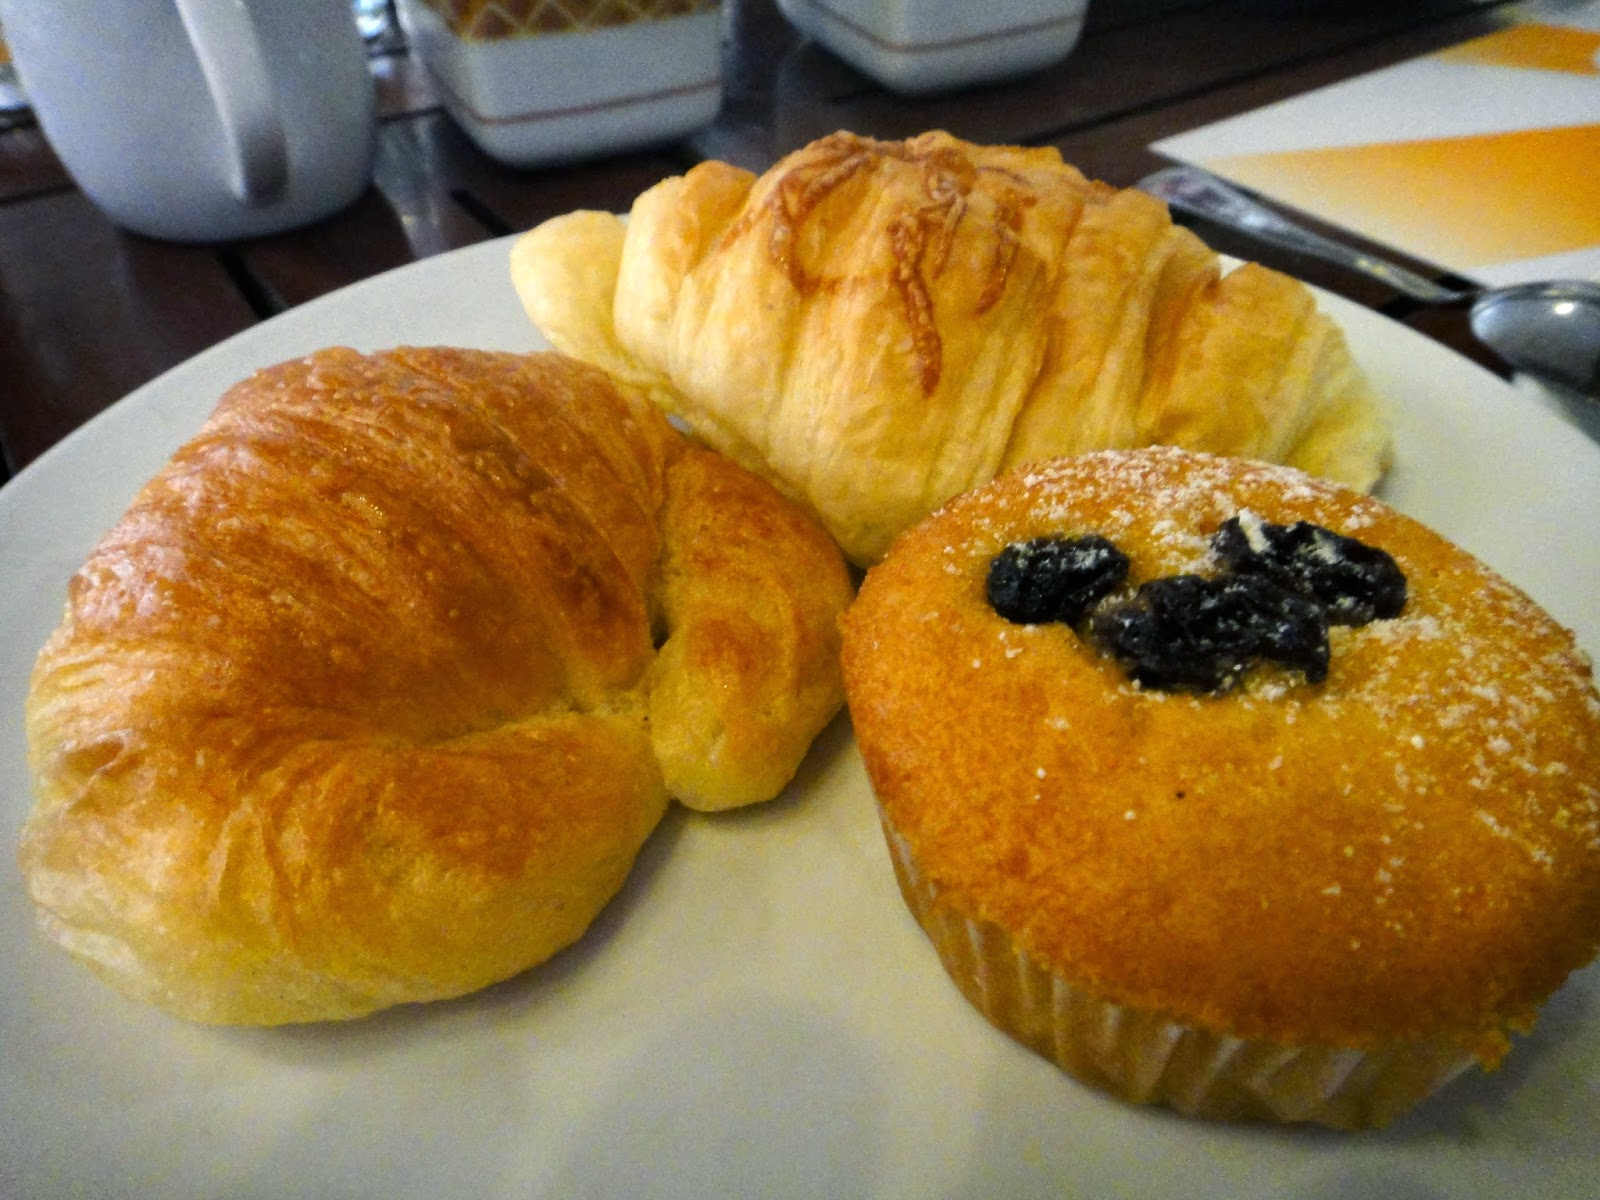 Hotel Aston Tanjong Benoa Croissant Breakfast